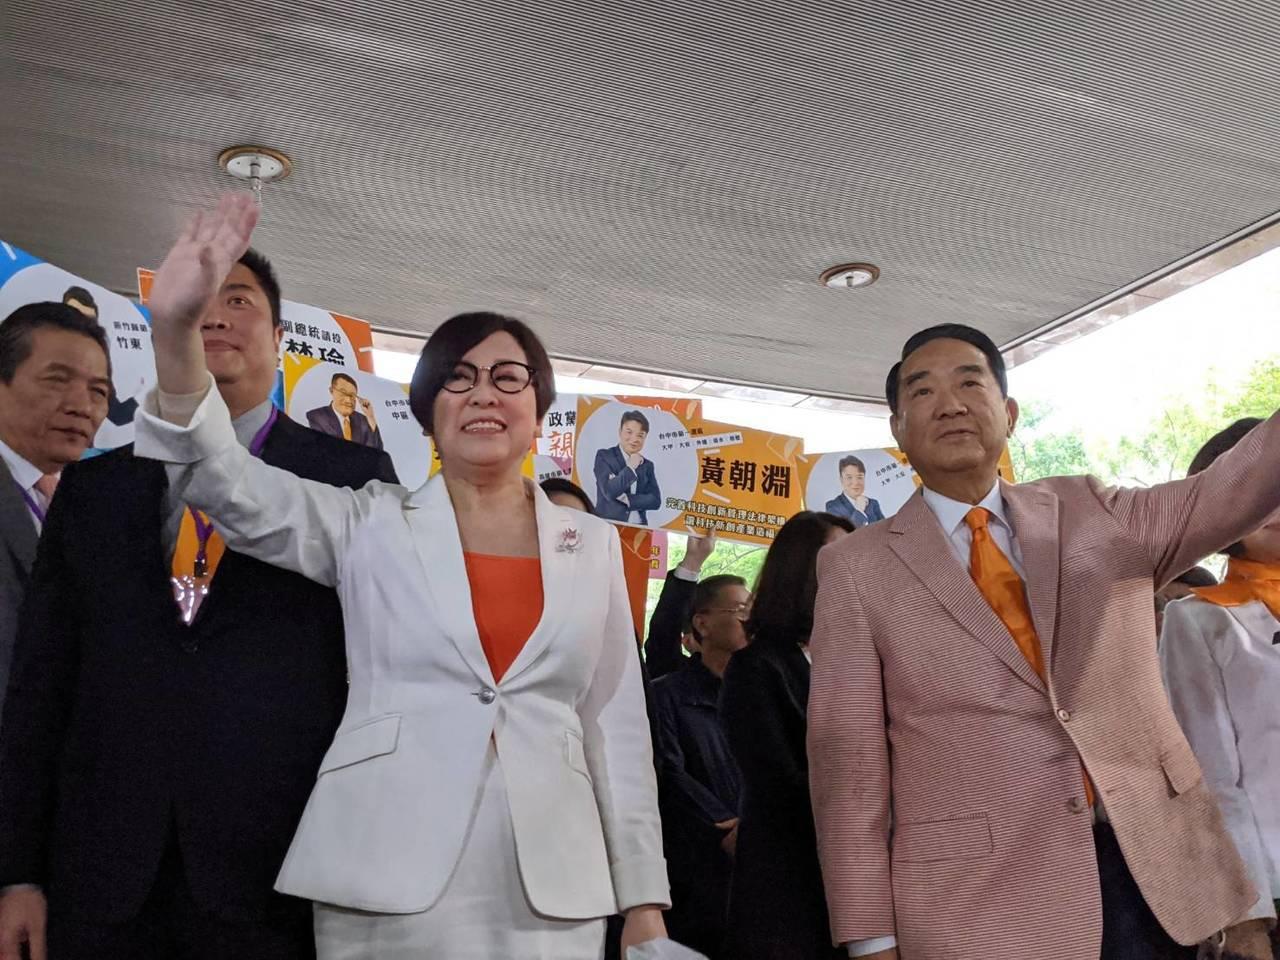 親民黨主席宋楚瑜(右)與副手余湘(左)今早完成登記,搶到頭香。記者蔡佩芳/攝影